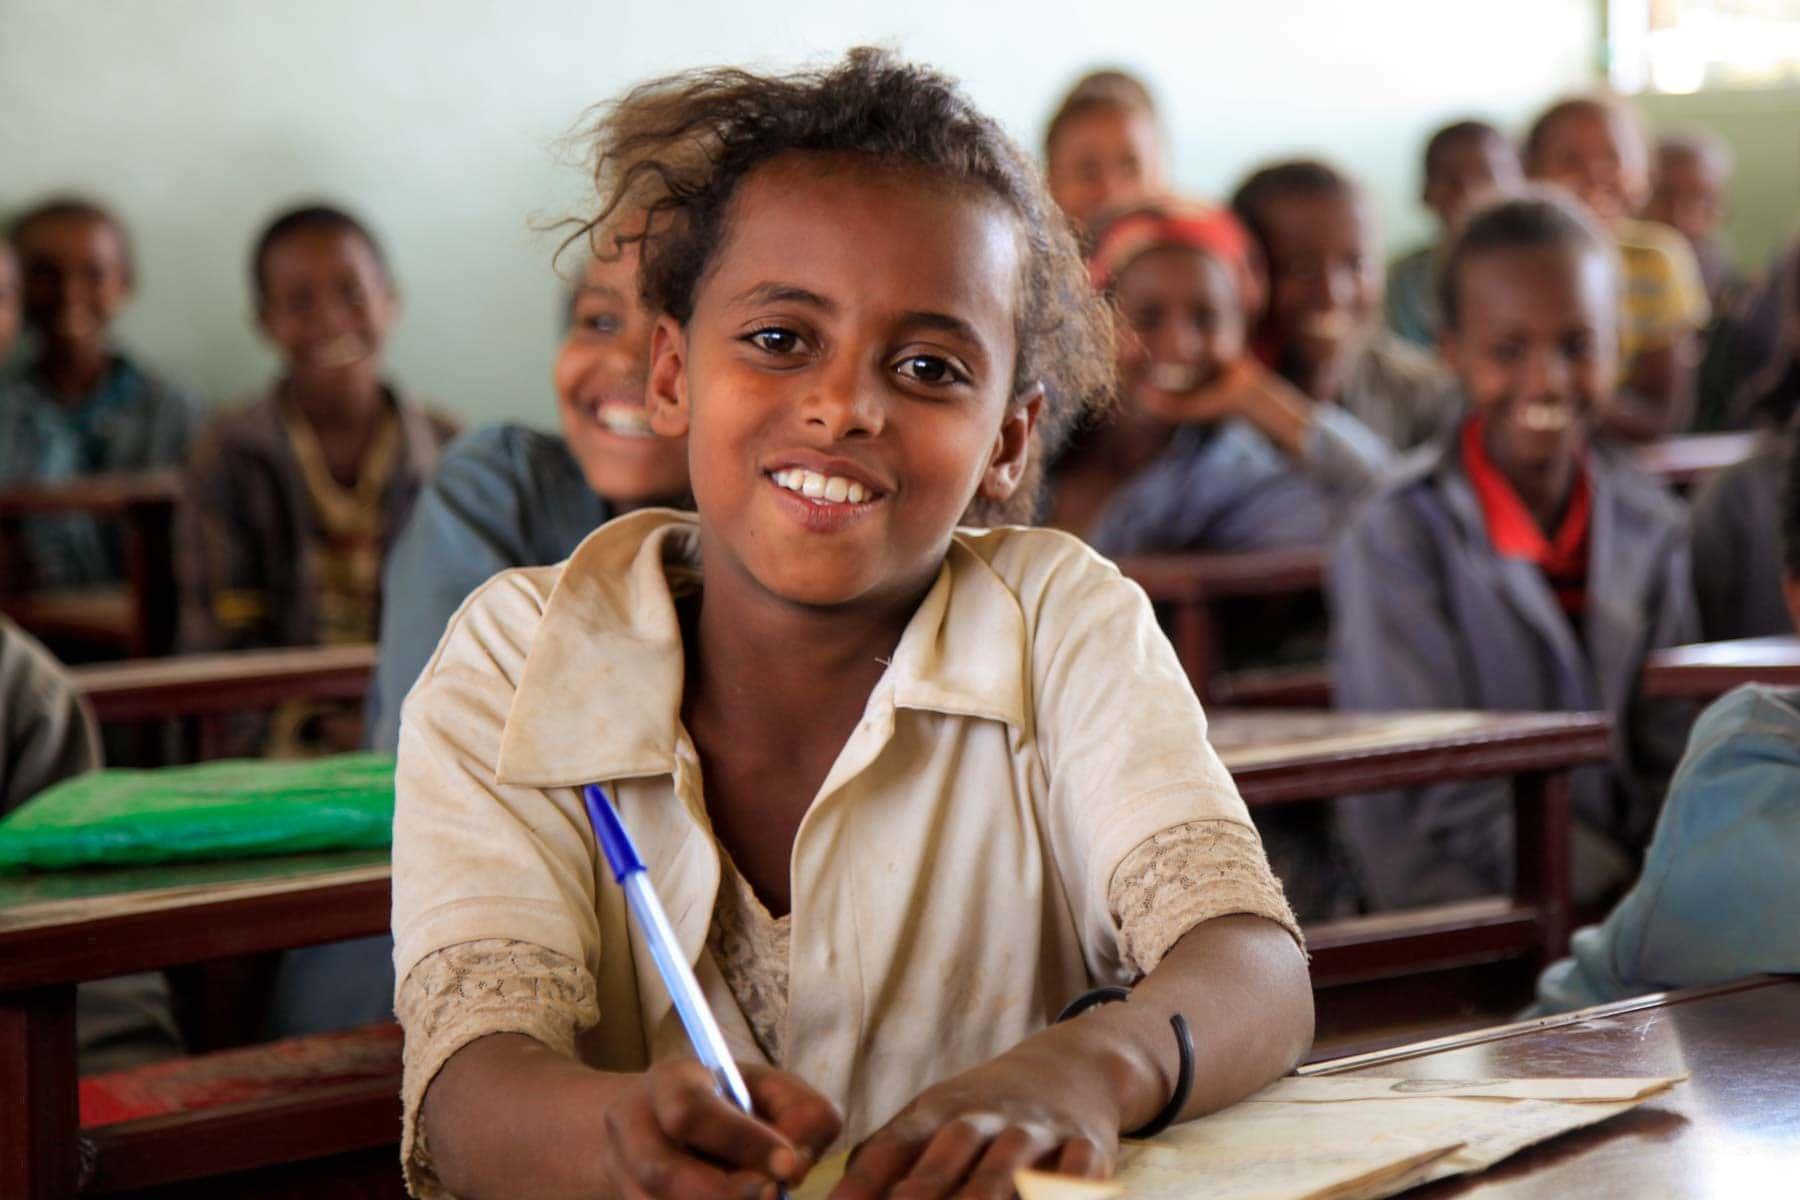 Mädchen sitzen in dunkler Schule in Äthiopien und lächeln